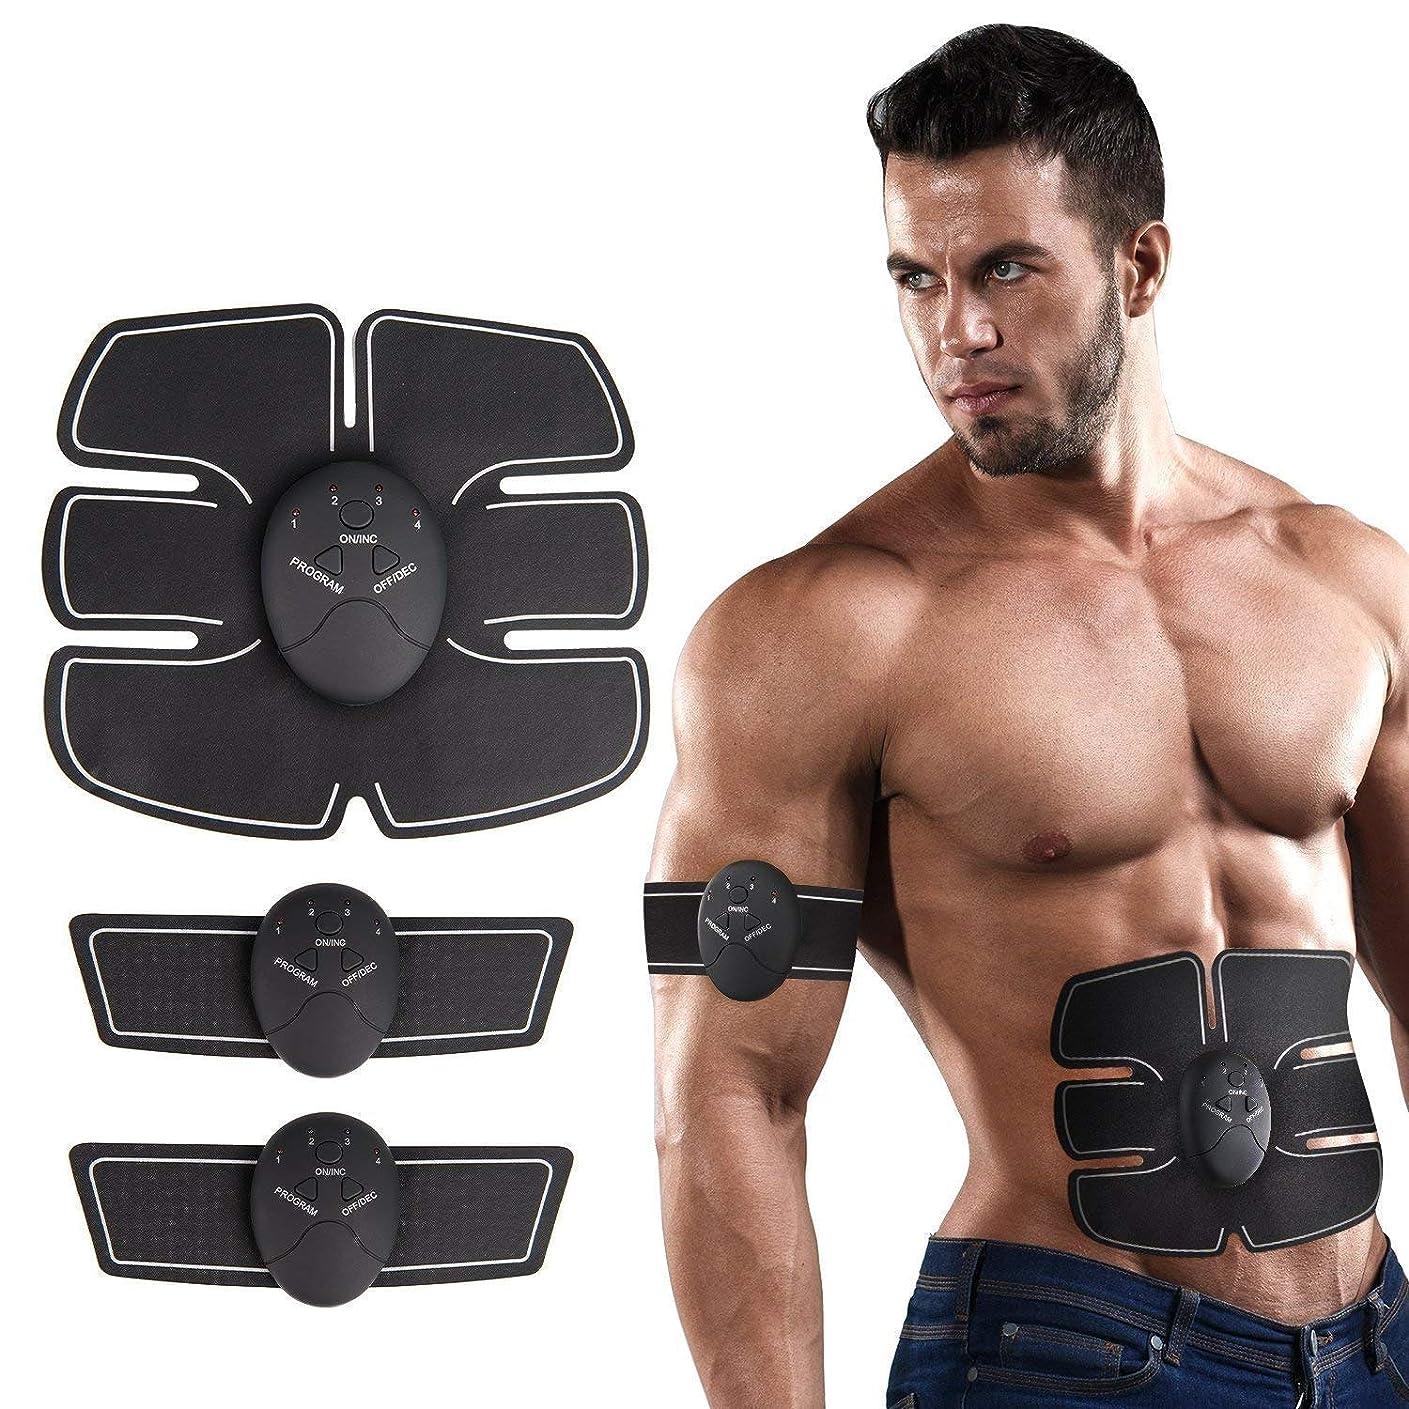 ブルジョン学習者価格フィットネス腹筋トレーナーEMS筋刺激剤筋トナー腹筋マッサージ器、家庭用ユニセックスUSB充電腹部/腕/脚重量を減らすためのトレーニング腹筋トレーニング